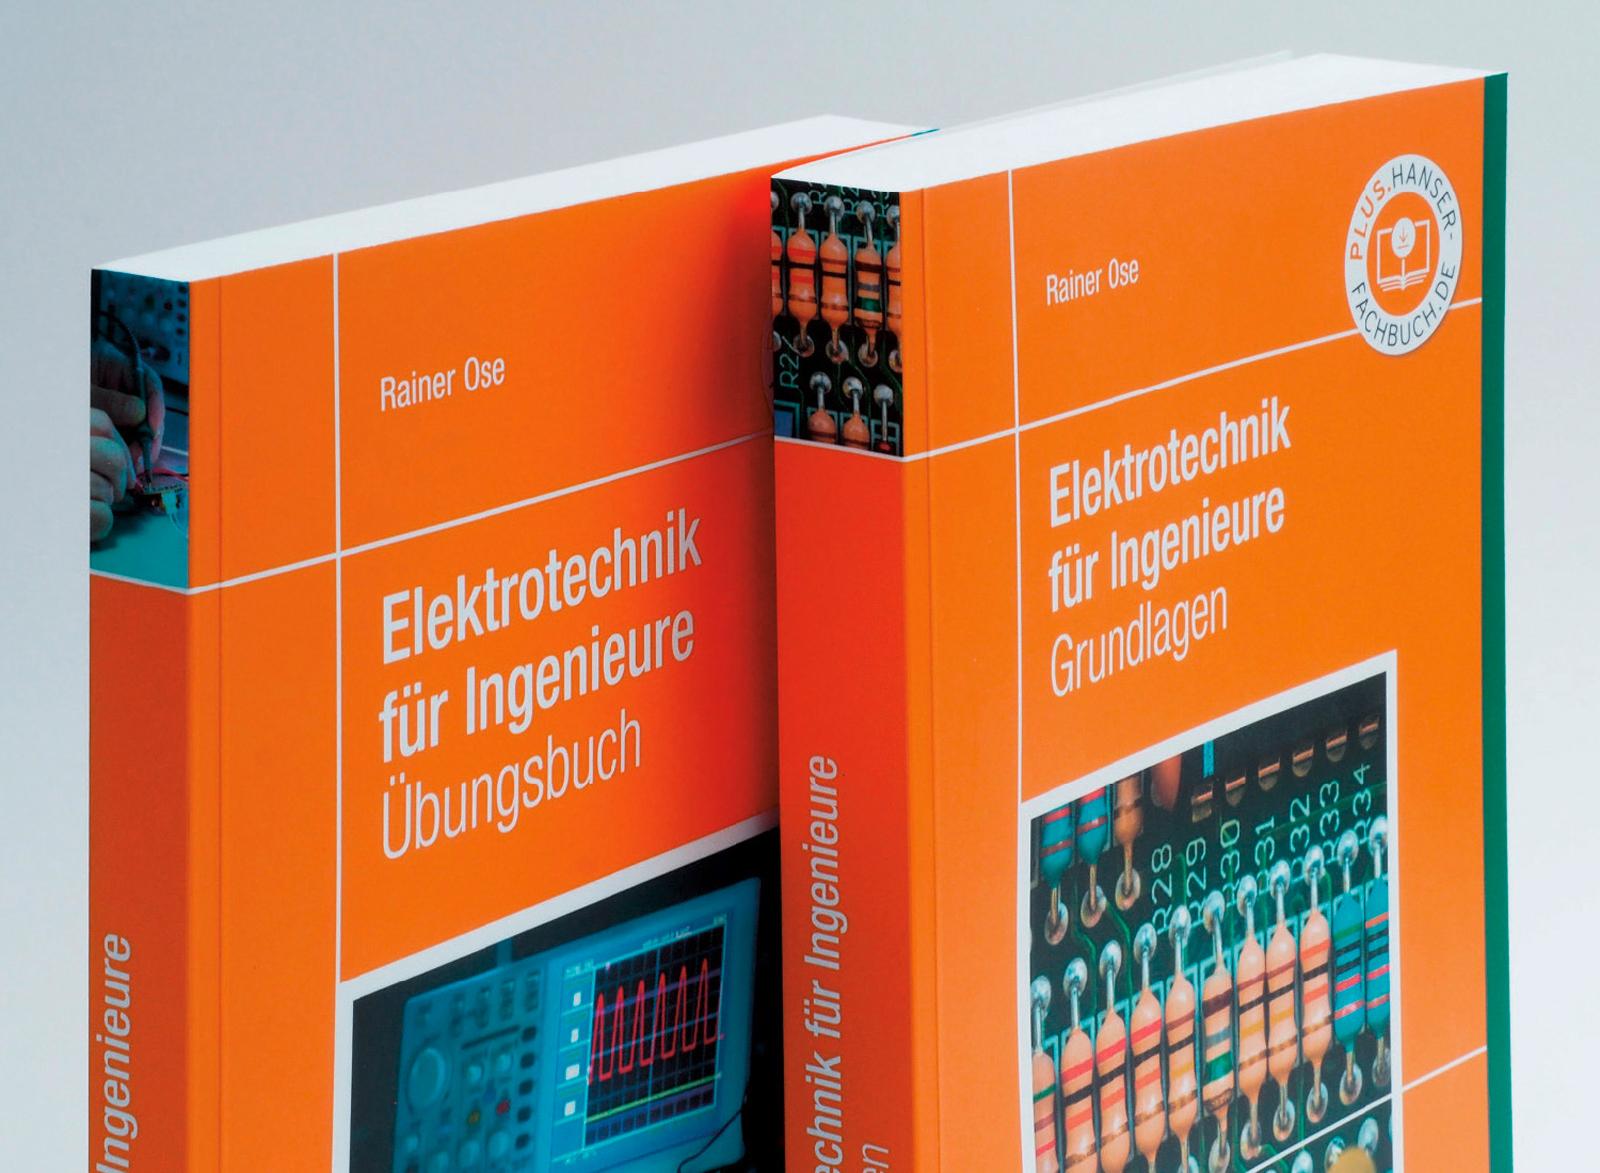 Ose, Grundlagen und Übungen für Elektrotechnik, 978-3-446-46757-6